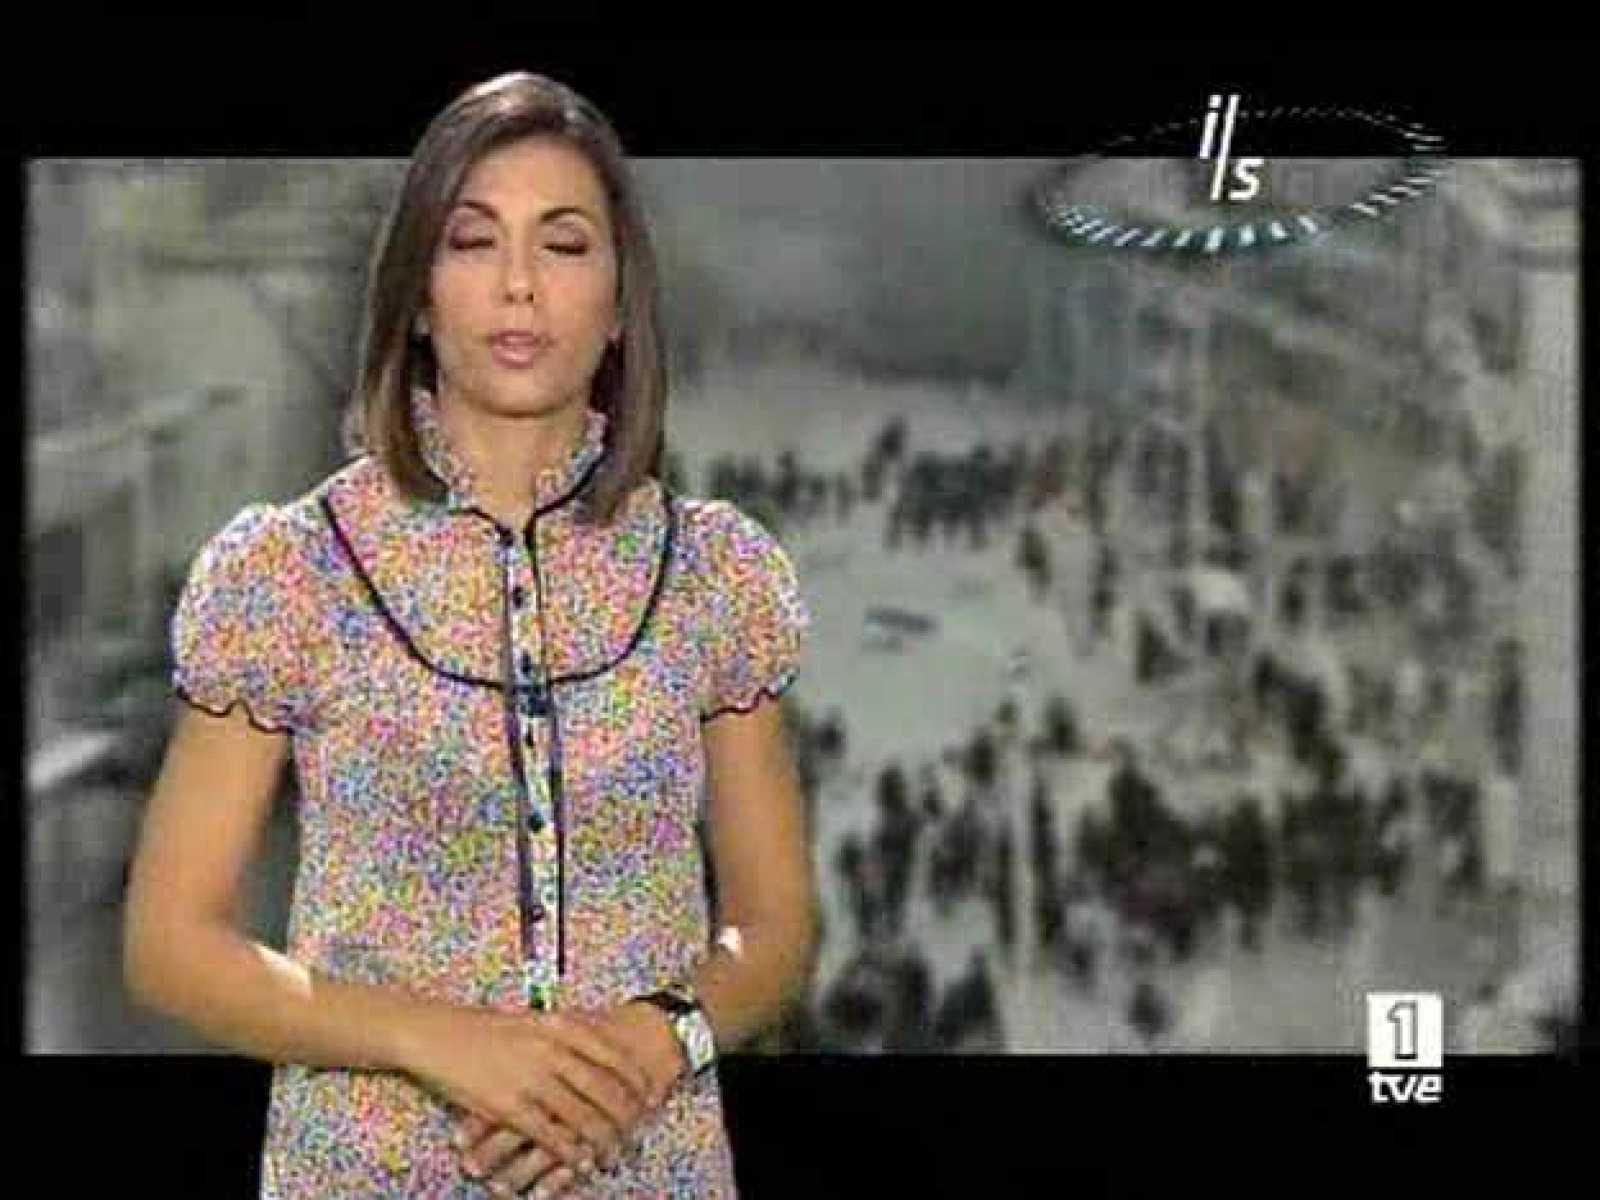 Reportaje de Informe Semanal, programa informativo de TVE, sobre la situación en el Tíbet.